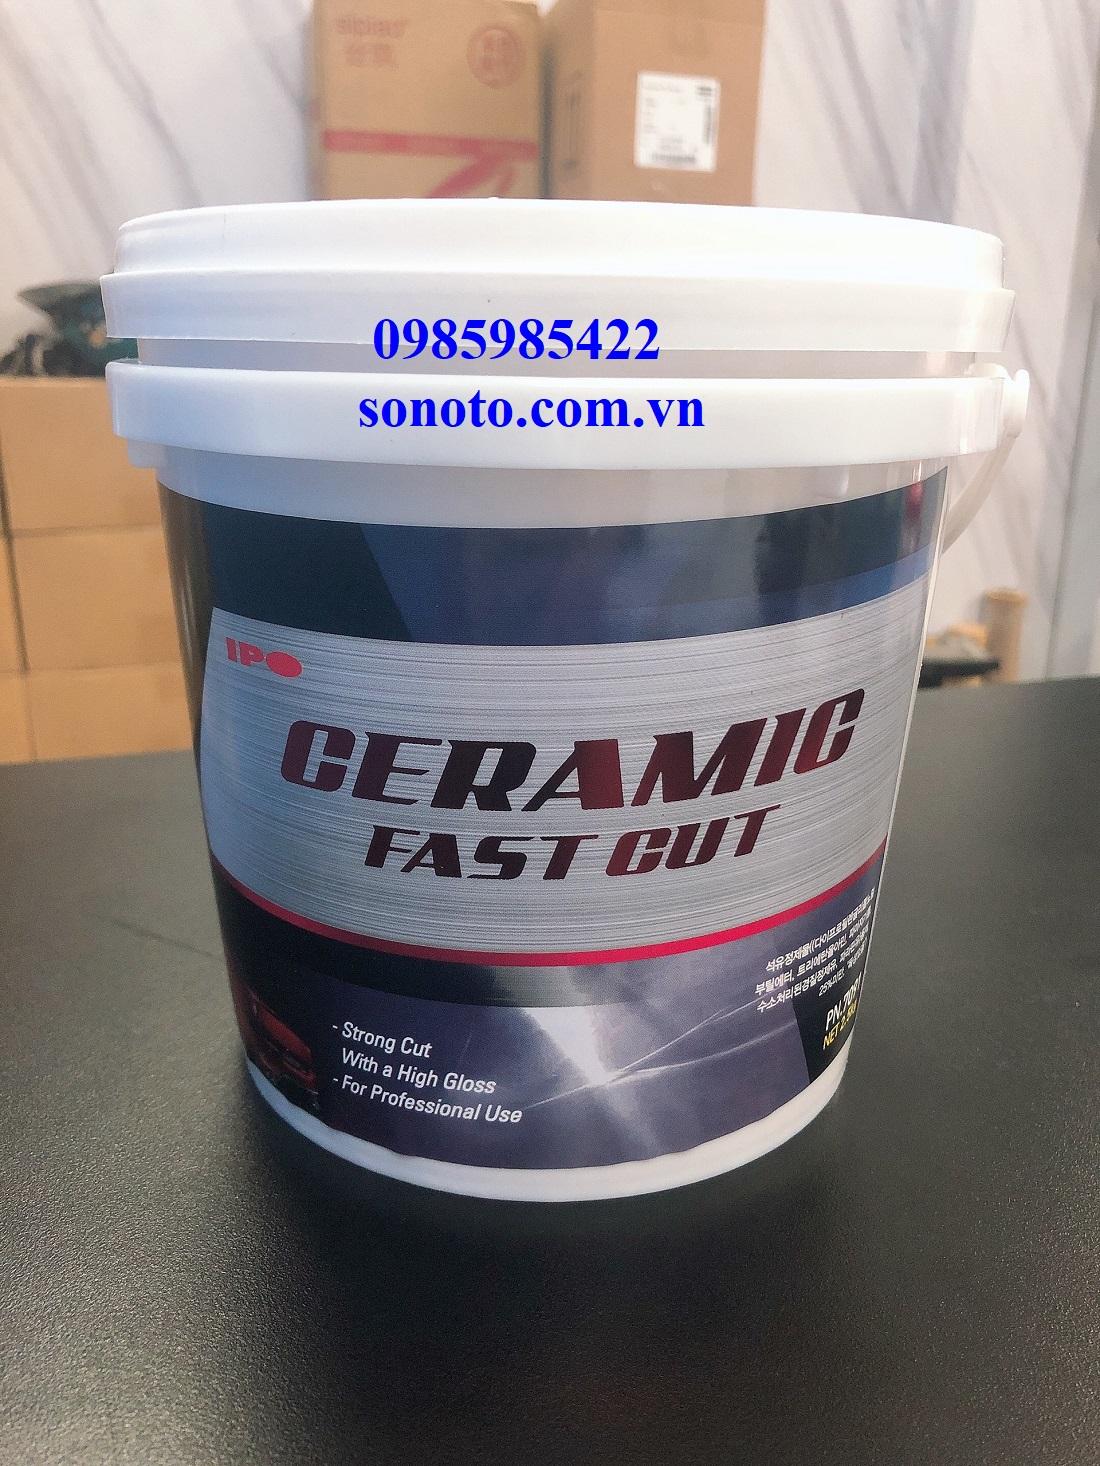 xi-danh-bong-buoc-1-han-quoc-ceramic-fast-cut-2-5kg-cho-o-to-xe-may